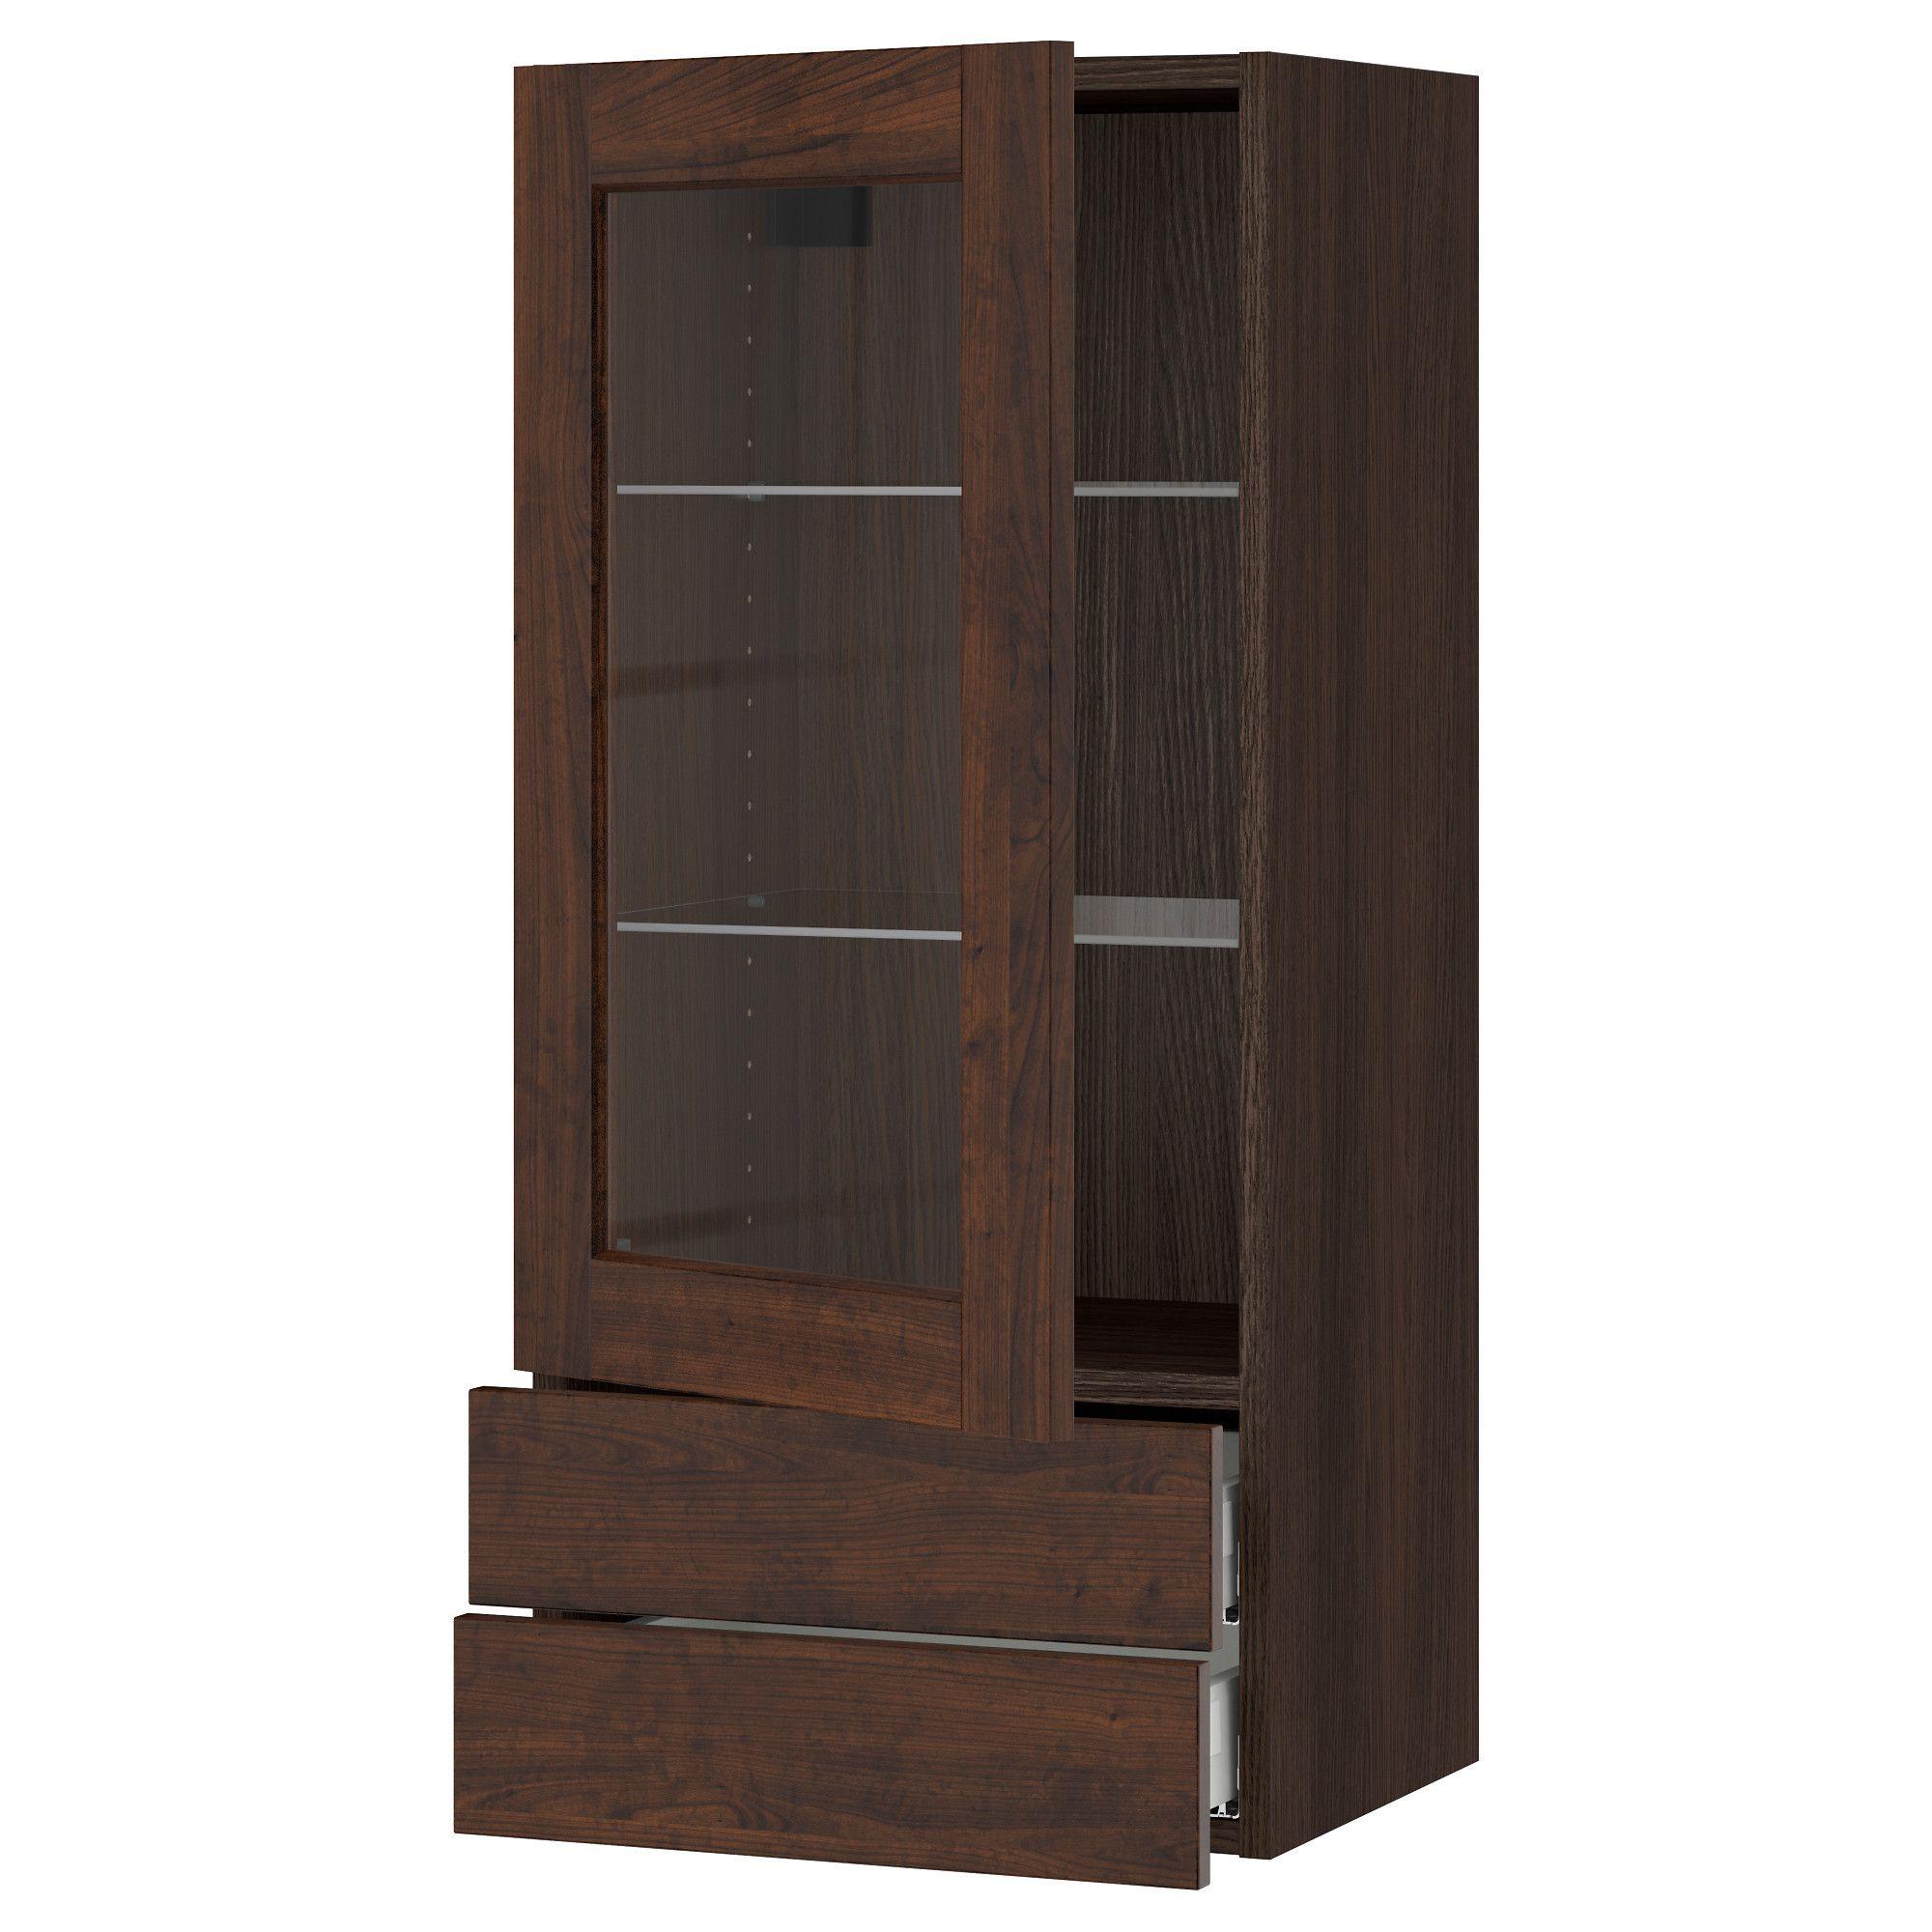 Best Ikea Sektion Wood Effect Brown Wall Cabinet W Glass 400 x 300